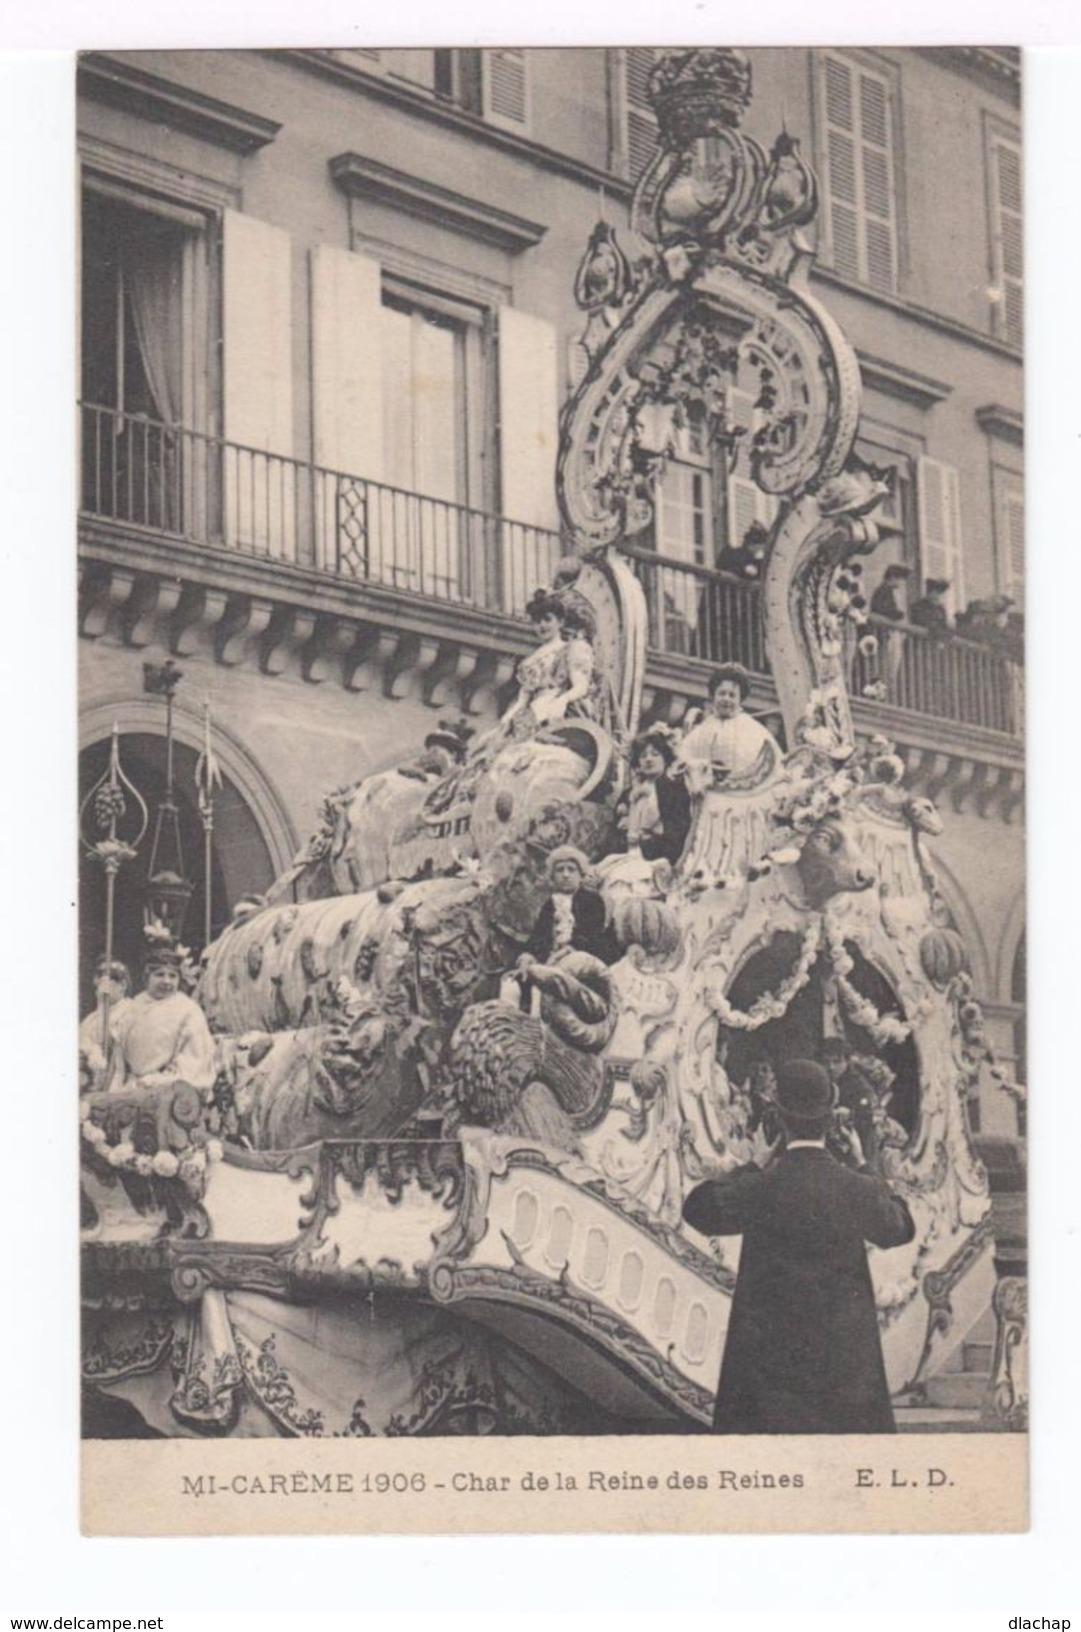 Trois Cartes Postales Mi Carême 1908. Paris. Char De La Dentelle, De La Reine Des Reines, Alliance Latine. (1837) - Wensen En Feesten